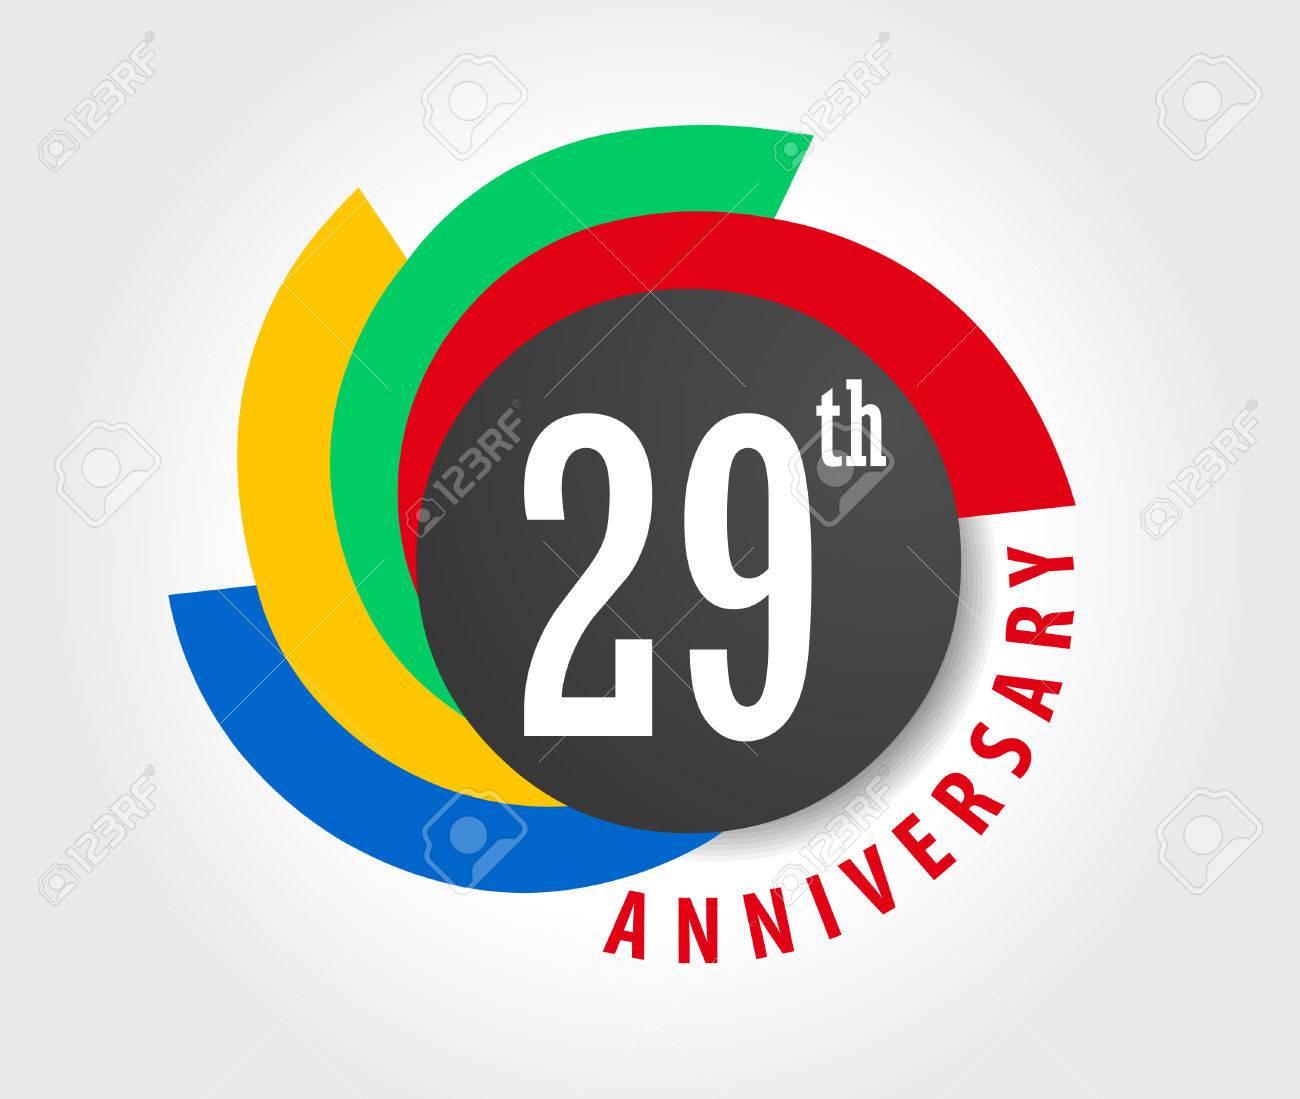 29e Anniversaire Celebration Fond 29 Ans Carte Anniversaire Illustration Clip Art Libres De Droits Vecteurs Et Illustration Image 59936530